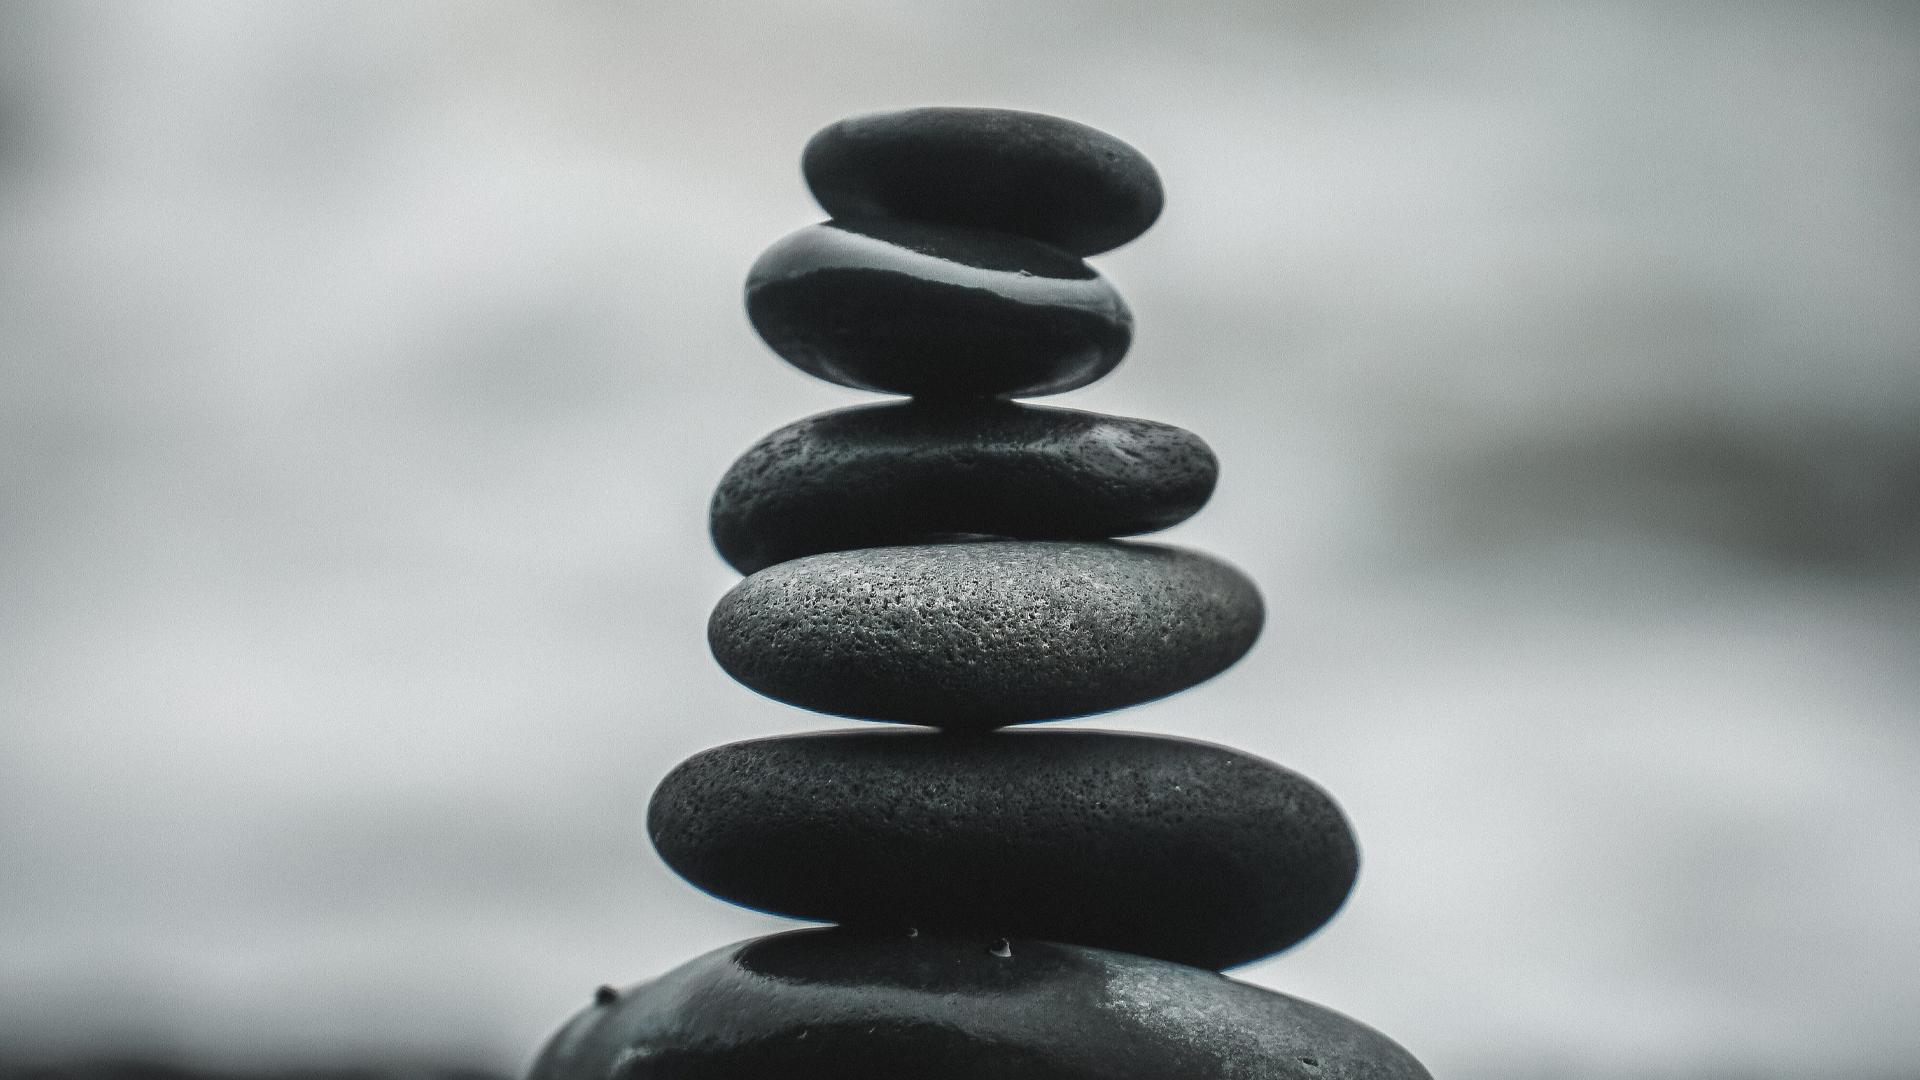 Sabedoria & Equilíbrio